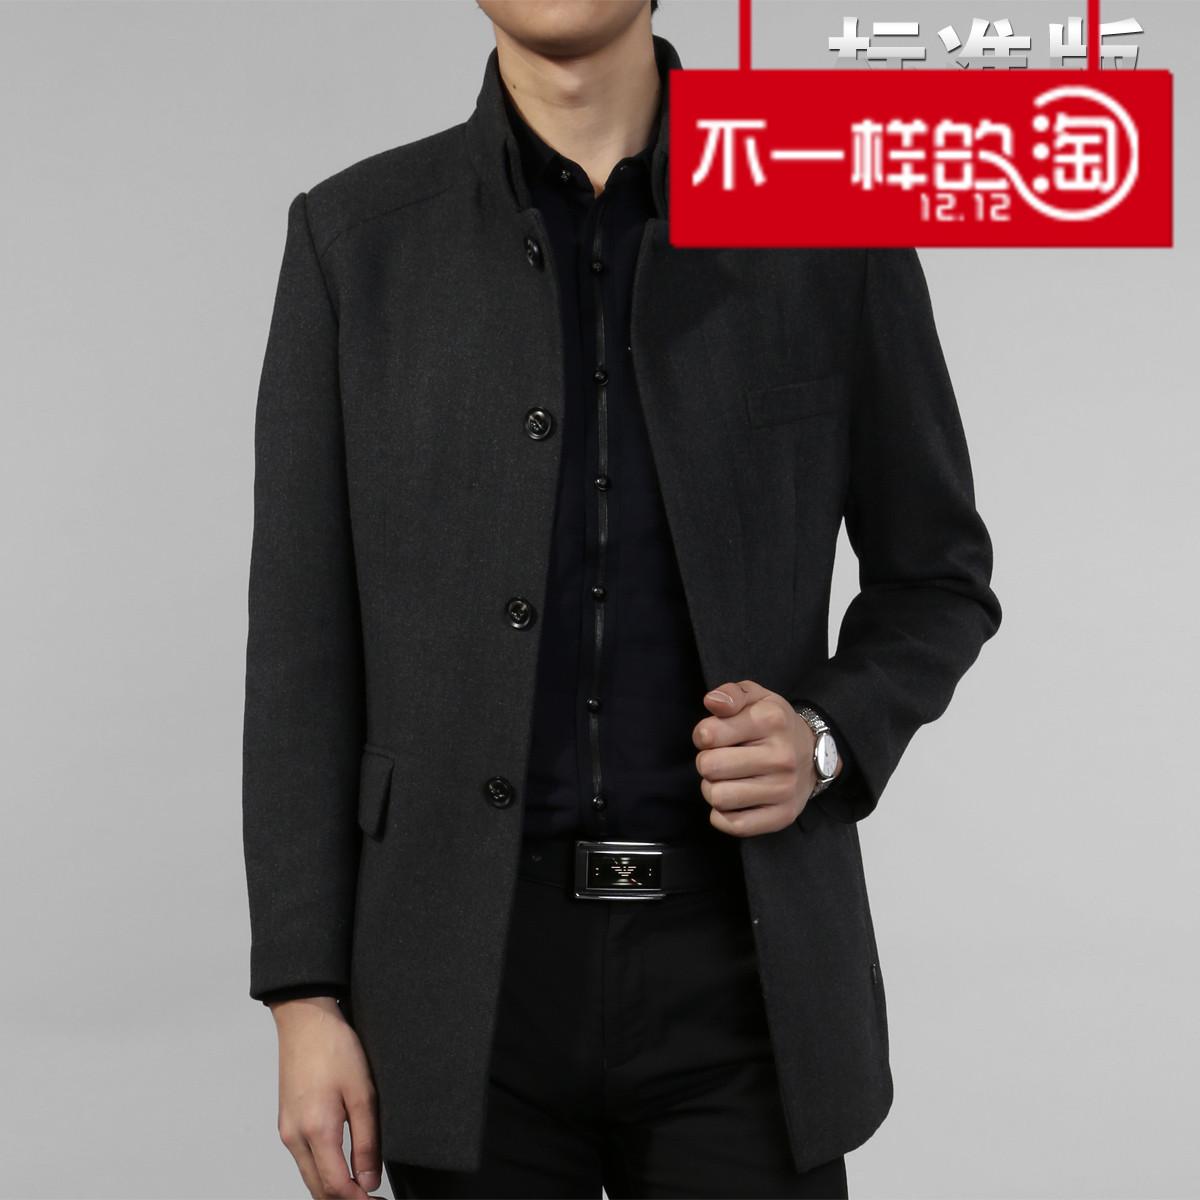 首页 呢大衣 男装 尼雅商城  (大图) 原价格:¥978元